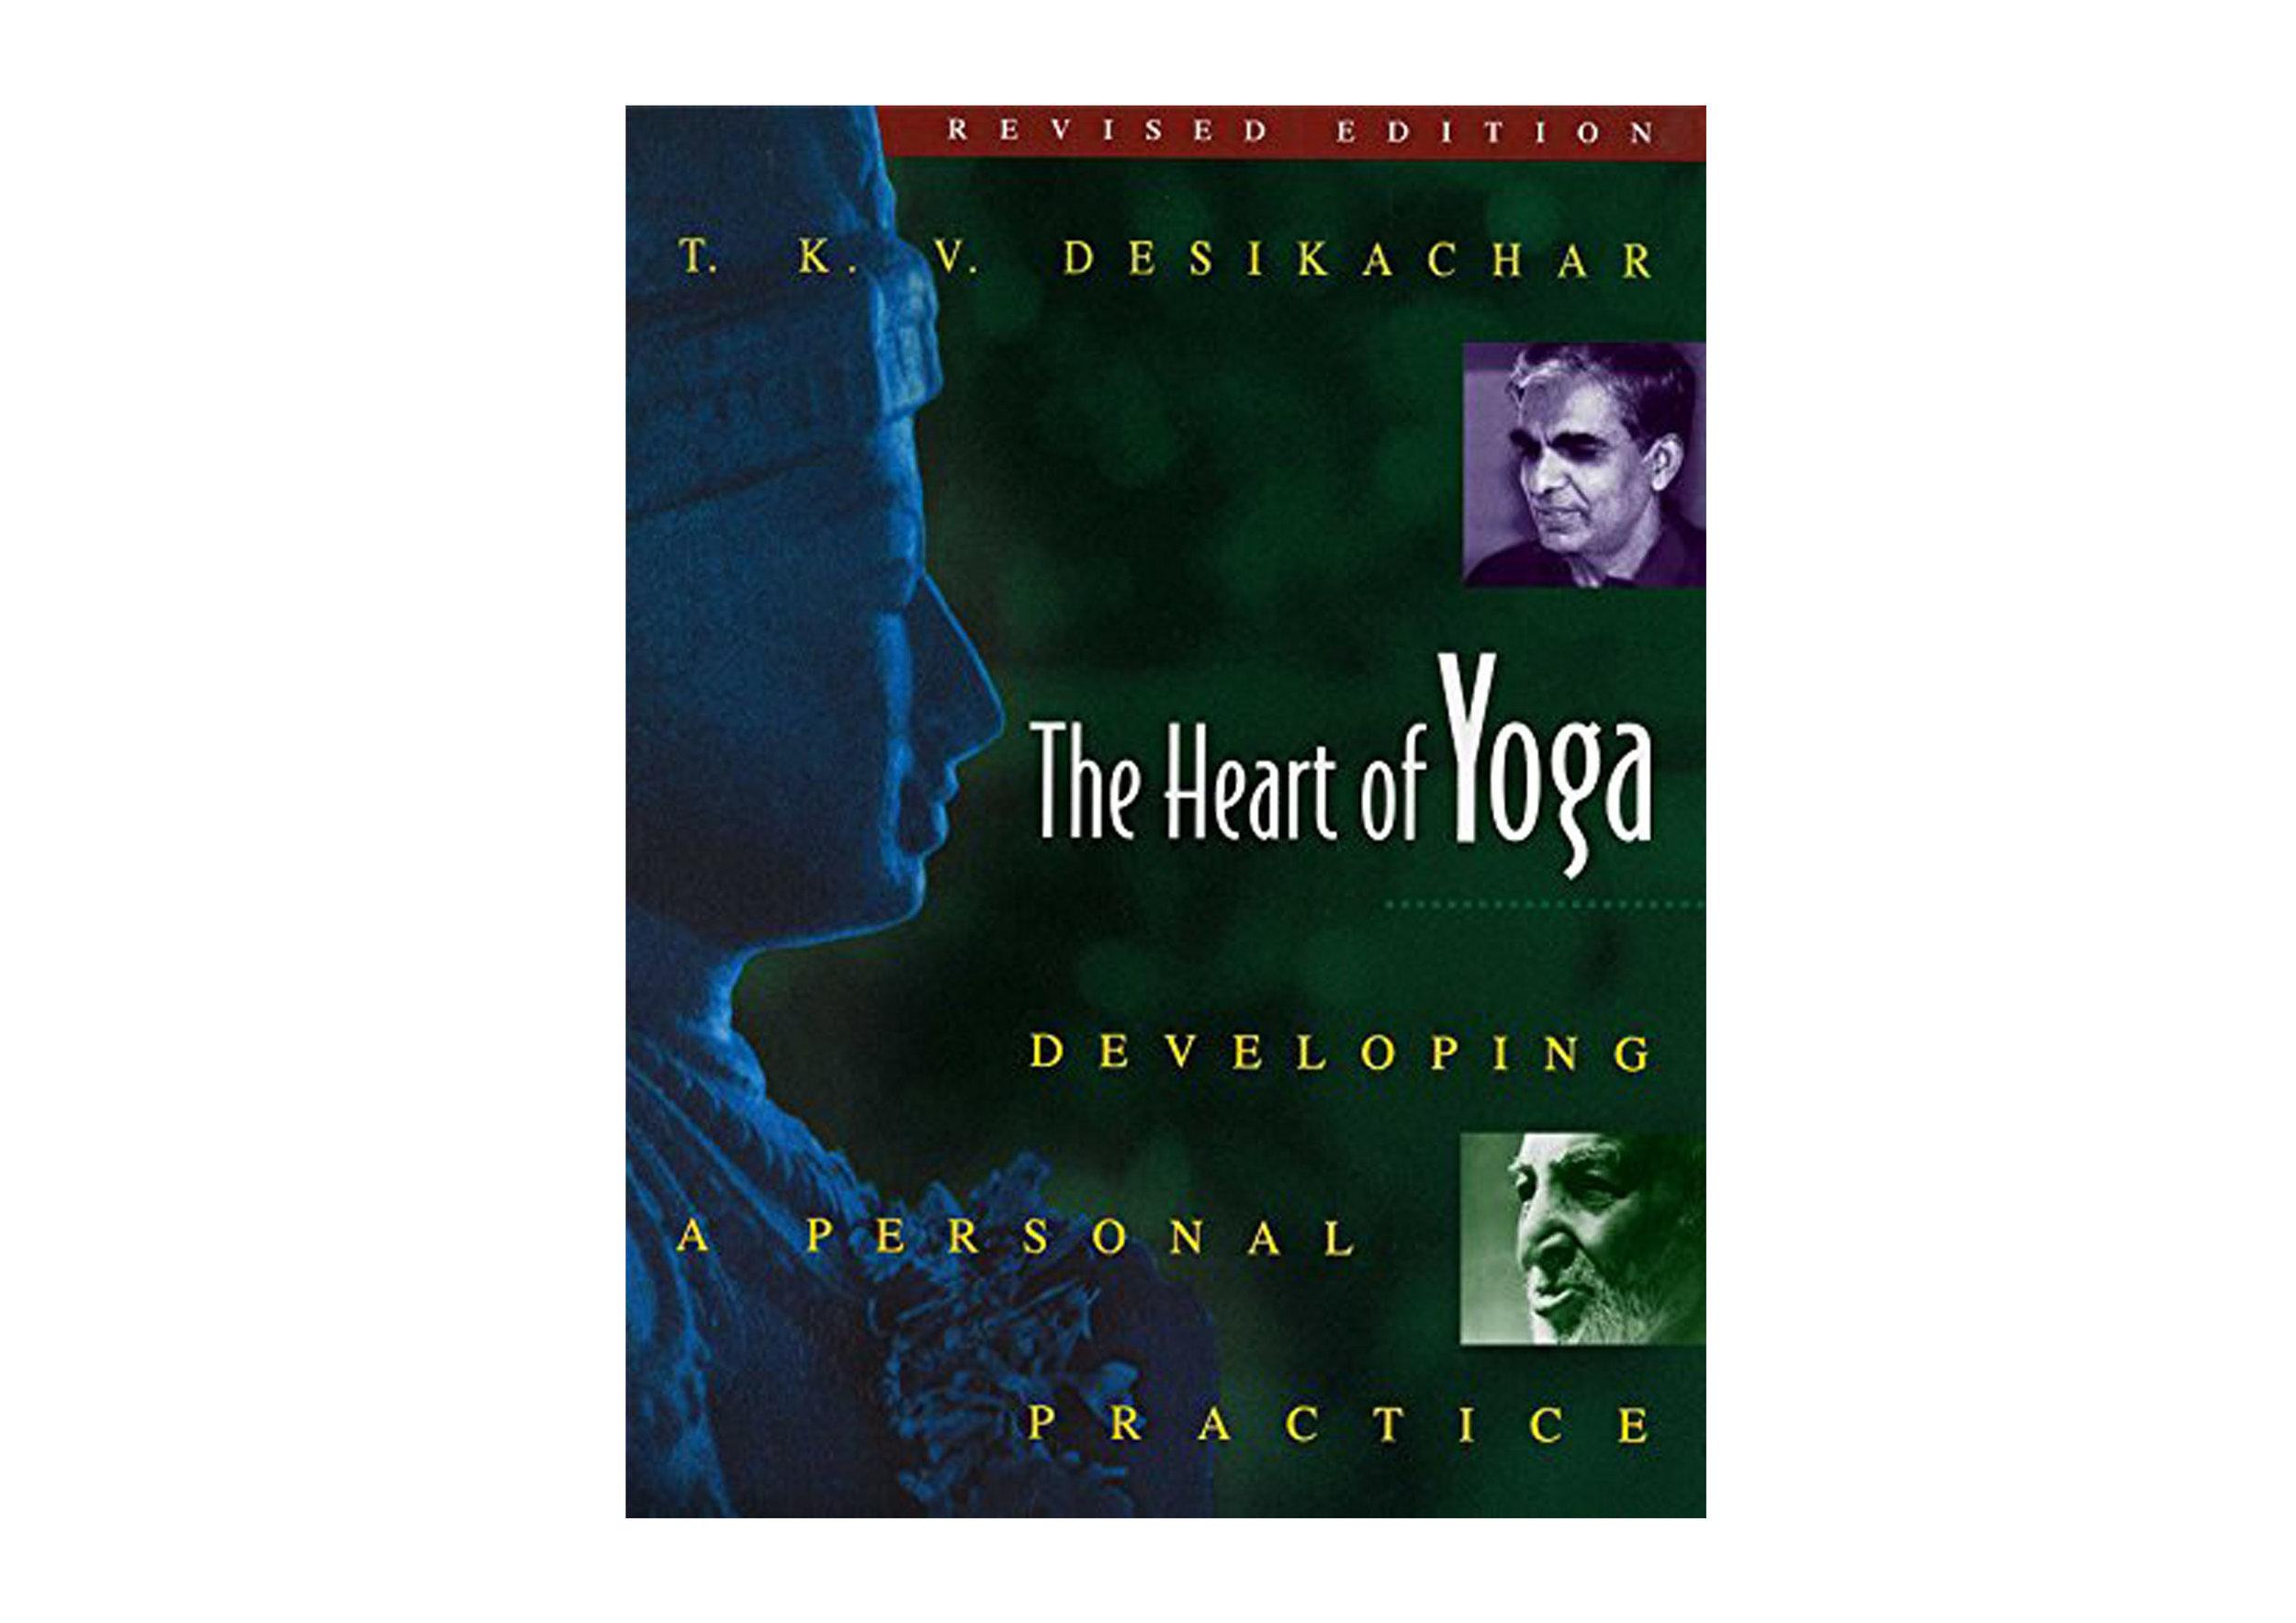 Heart of yoga.jpg